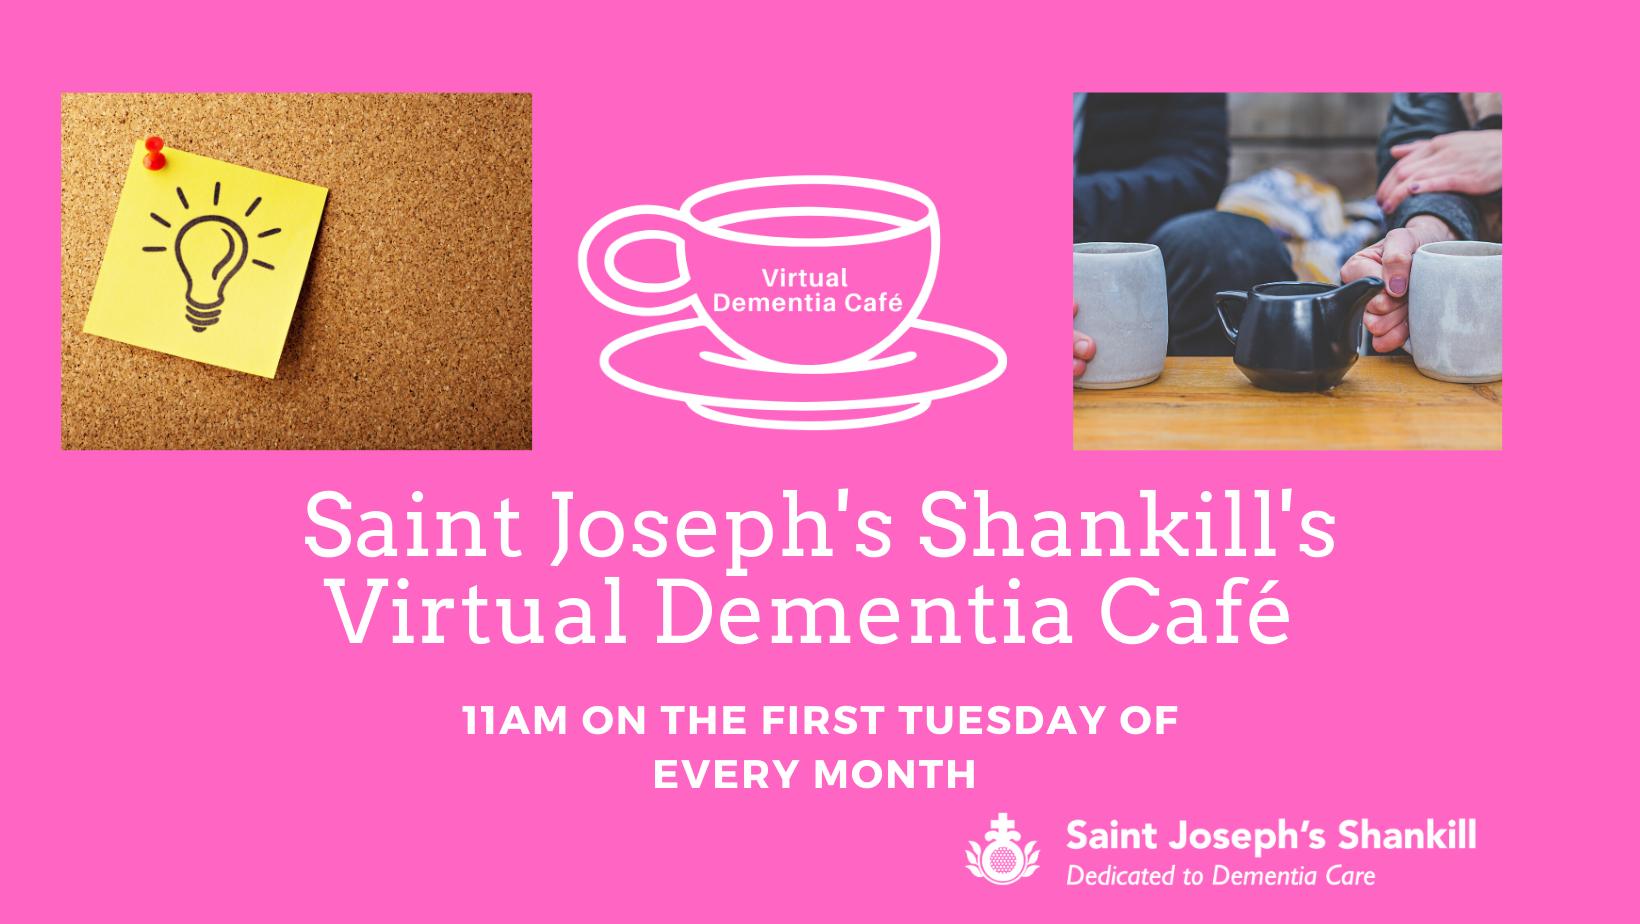 Saint Joseph's Shankill's Virtual Dementia Café